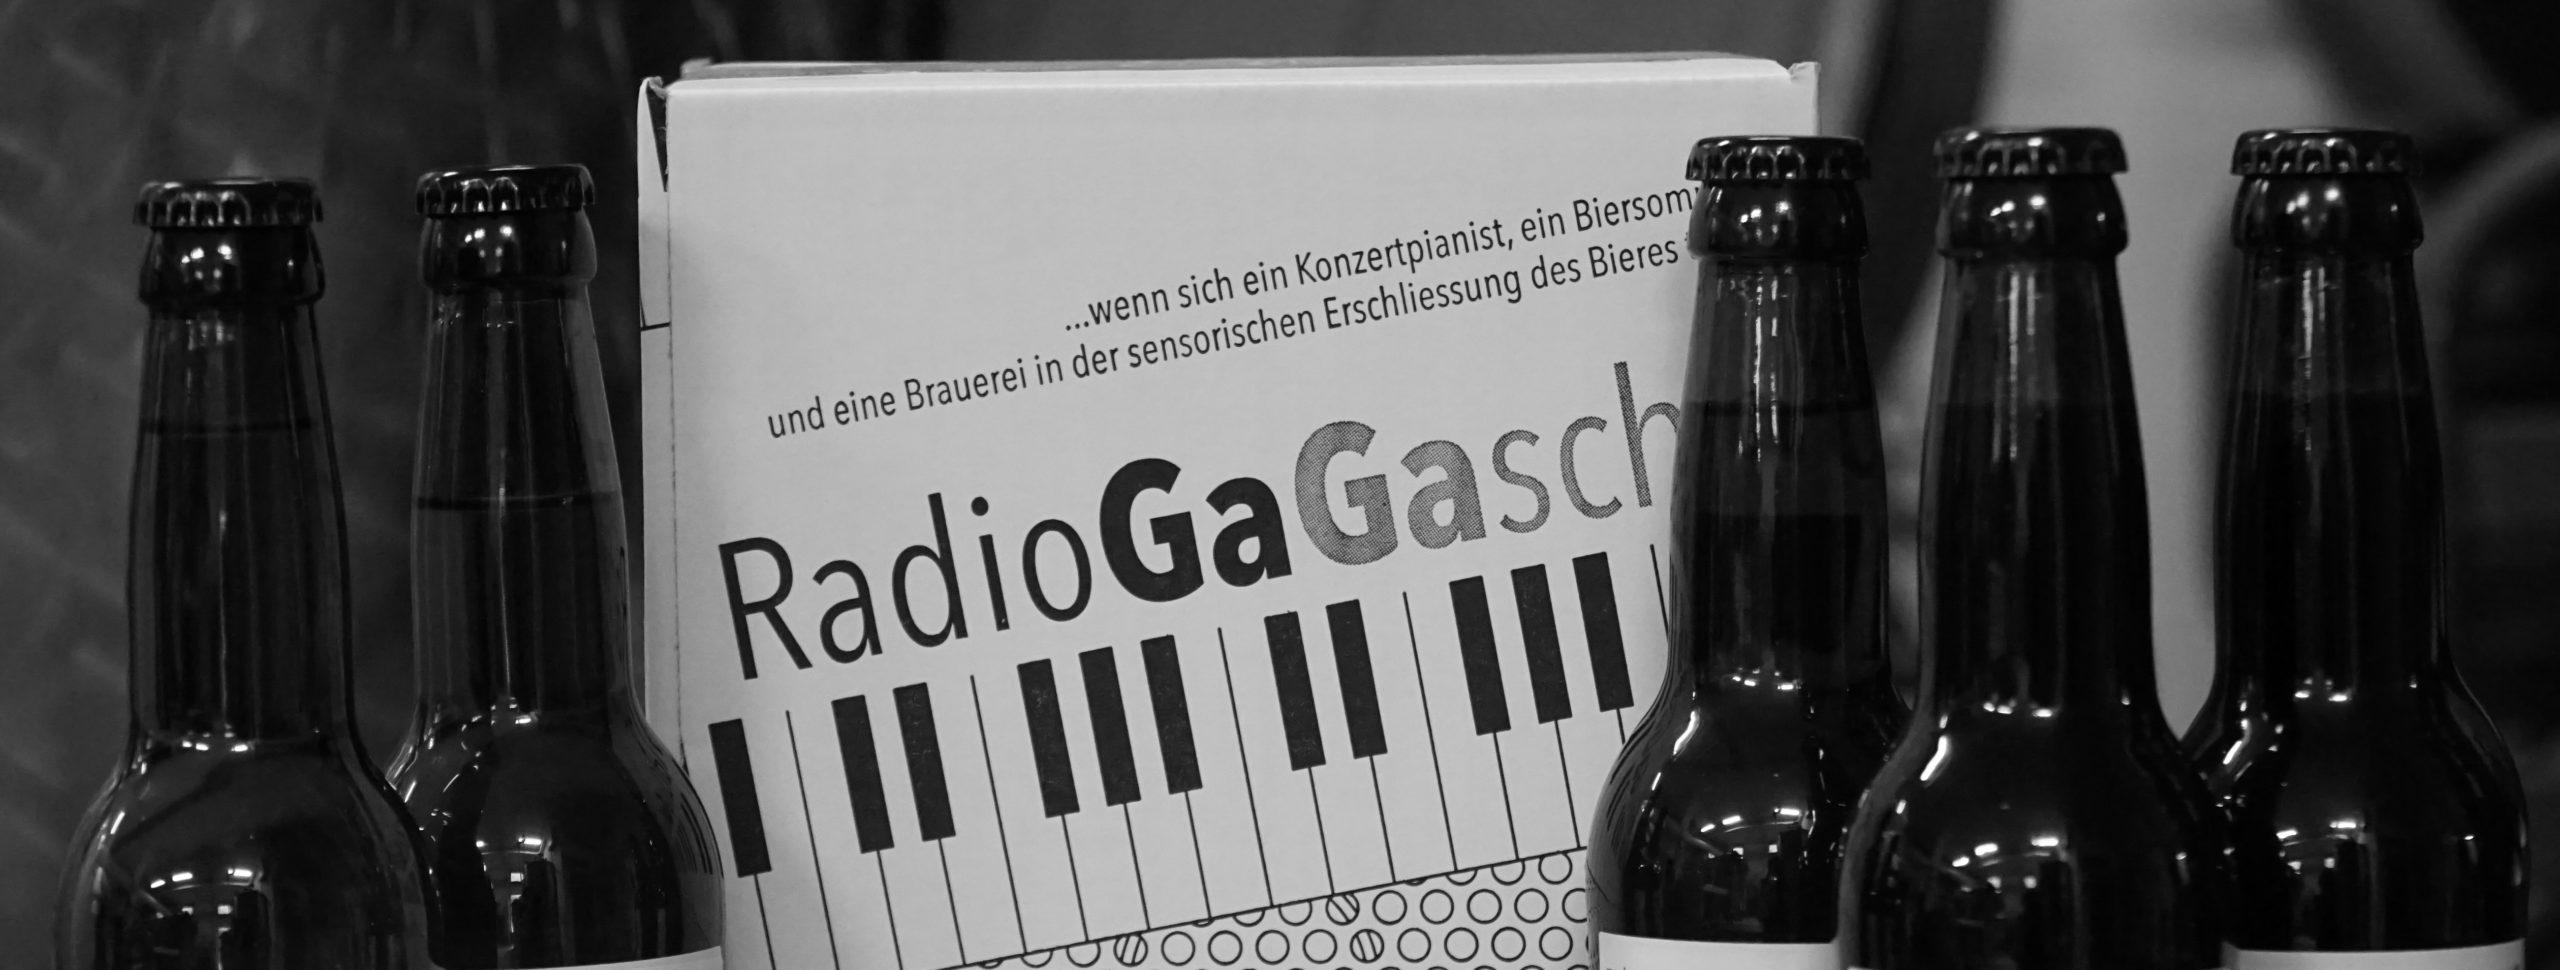 Radio GaGascho